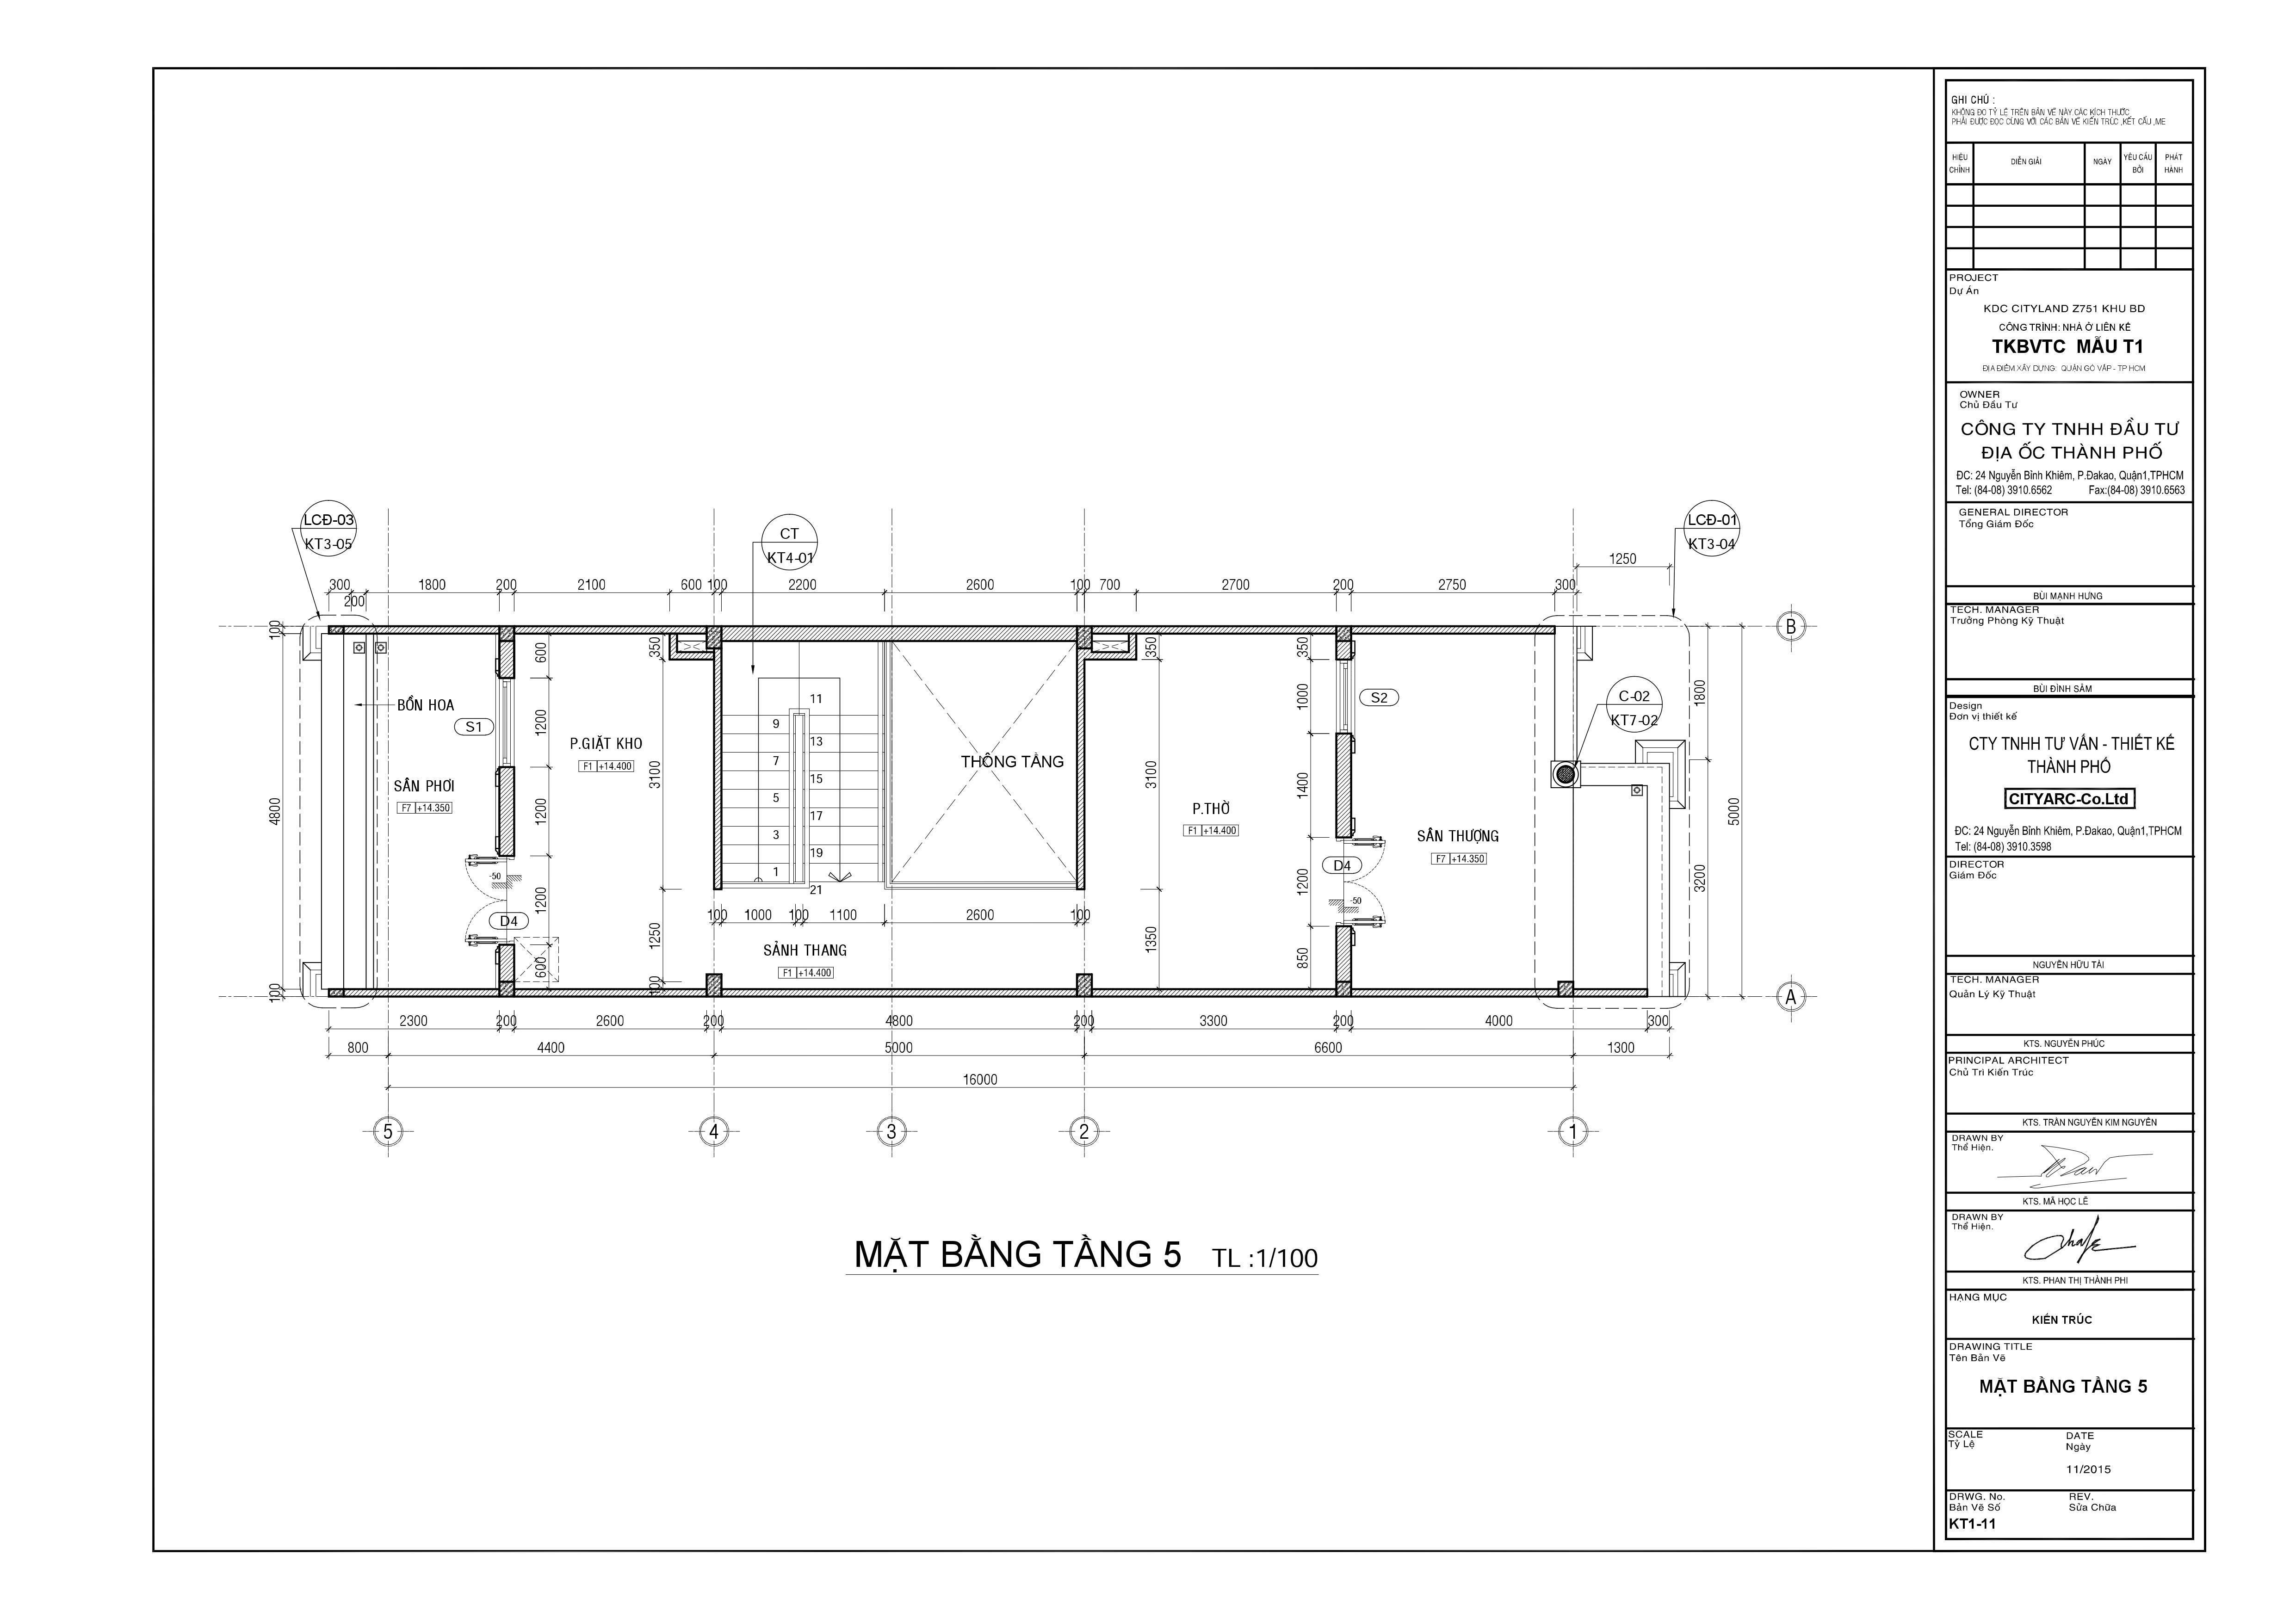 Nhà phố mặt tiền kinh doanh Cityland Park Hills Mẫu T1 - Tầng 5